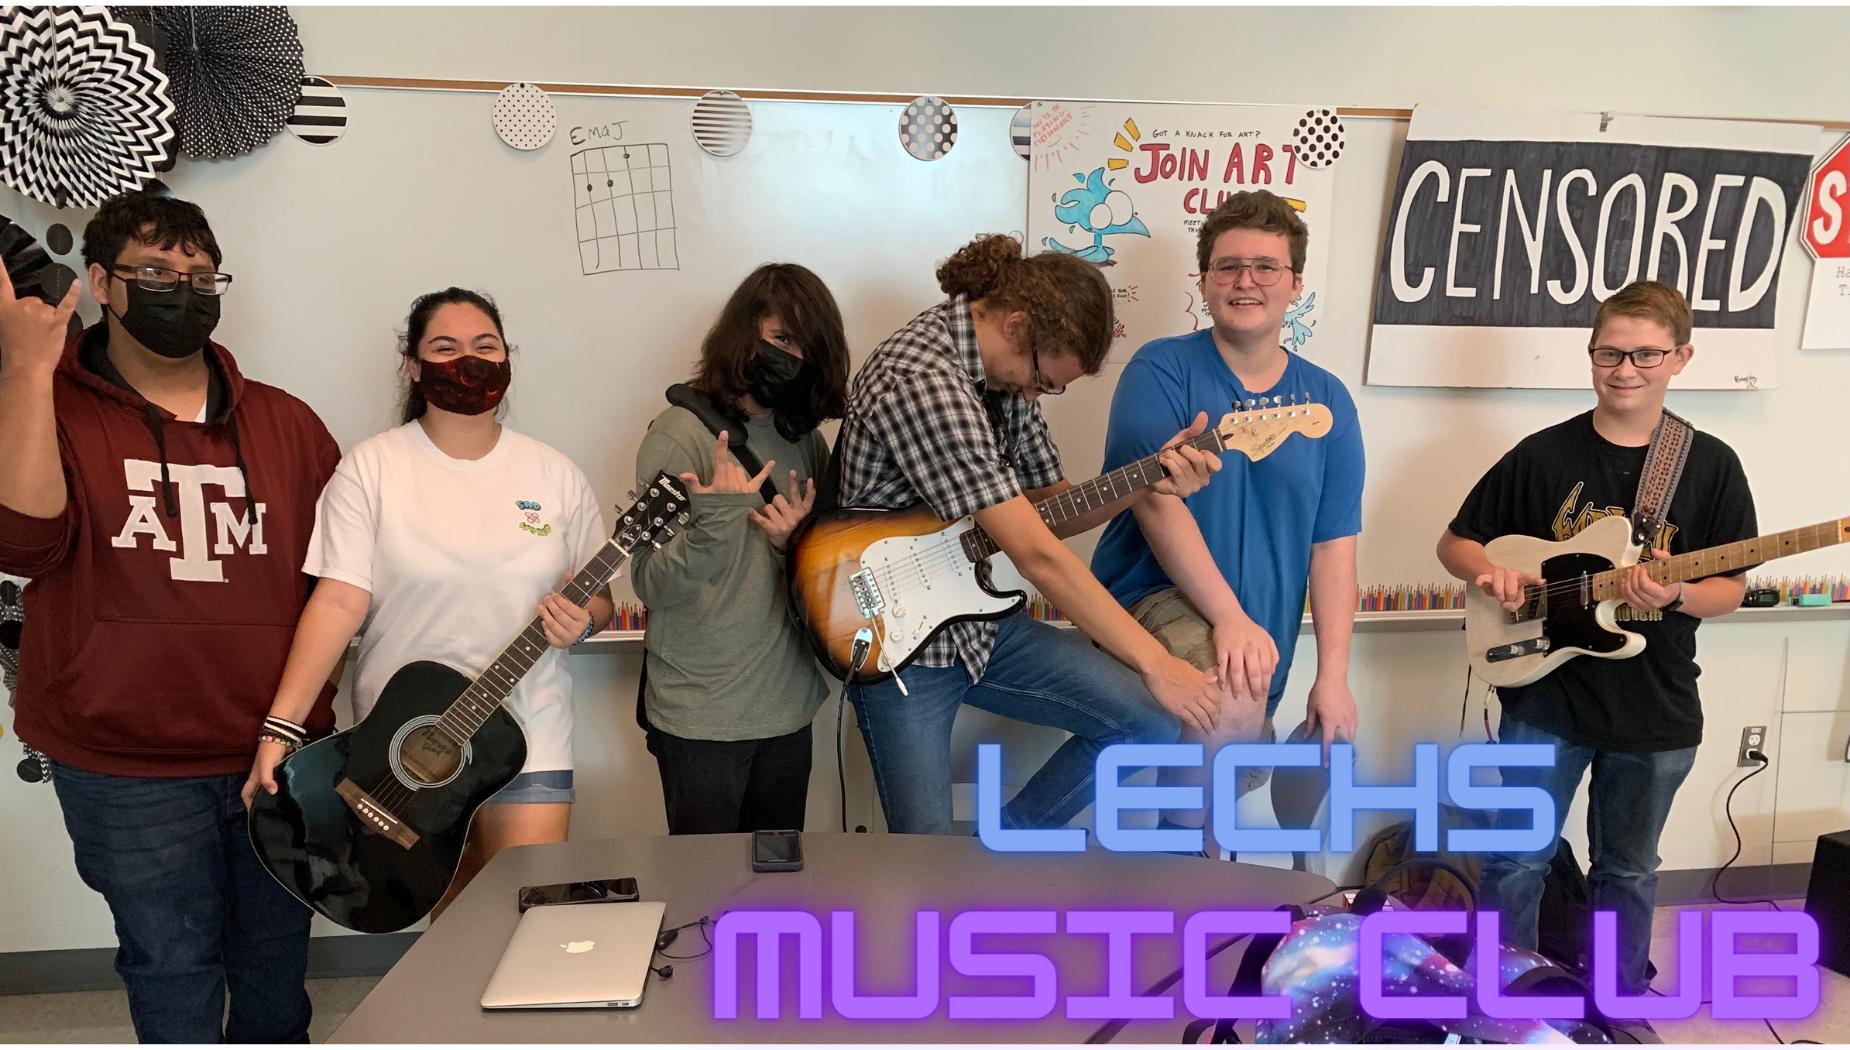 LECHS - Music Club